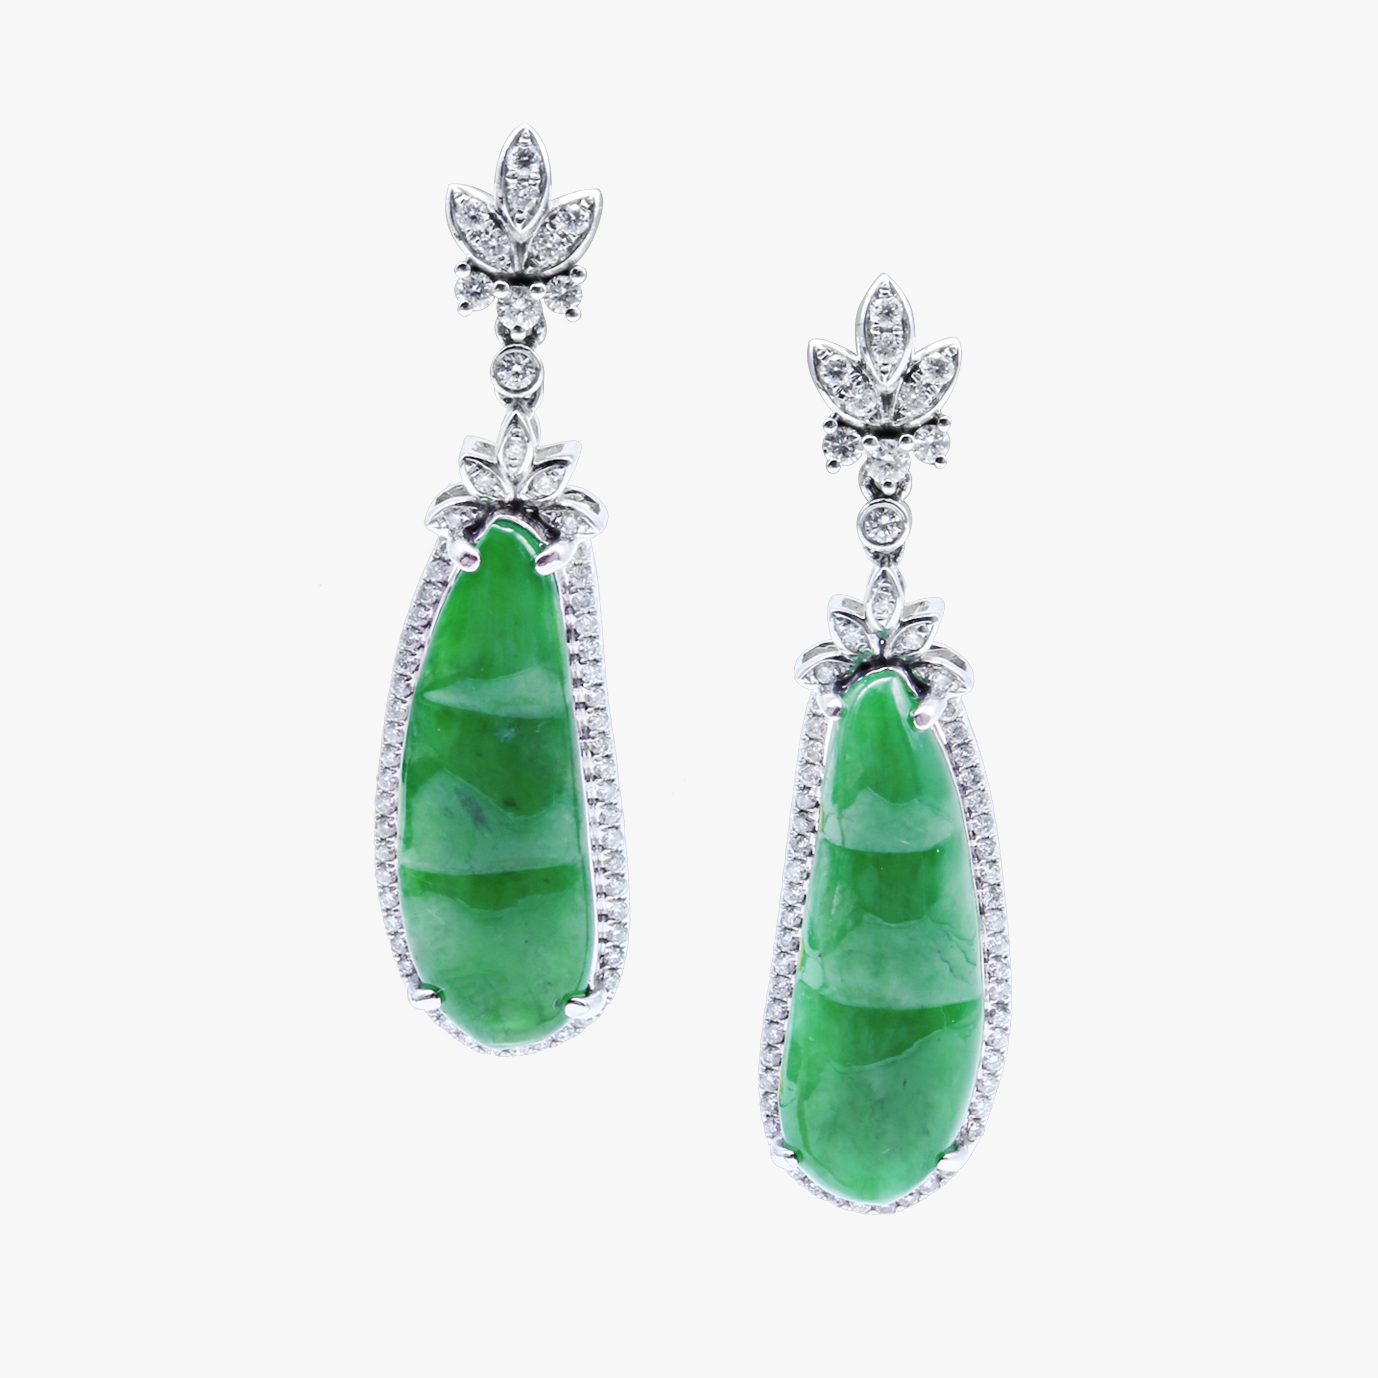 Imperial Green Jadeite Jade Earrings